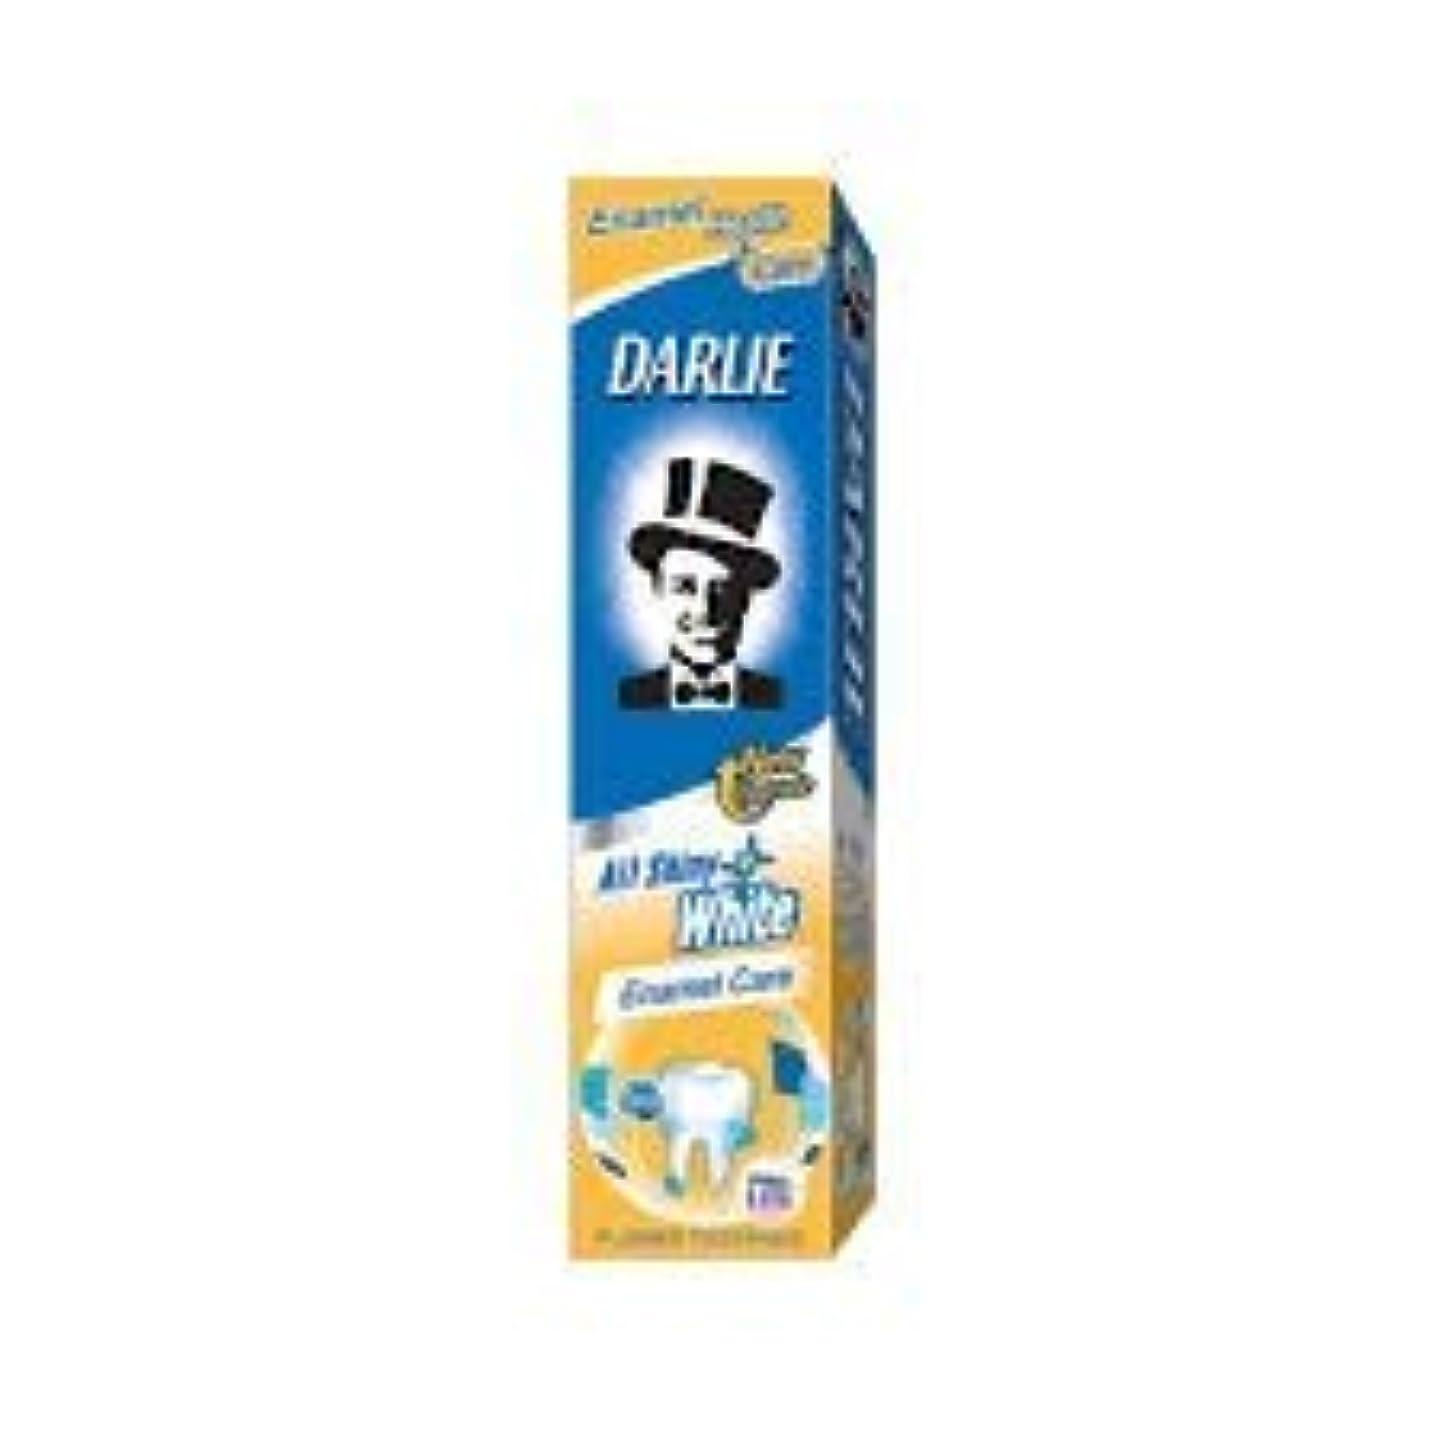 クローンご飯分類するDARLIE 含むフッ素戦うされたチャンバと、歯を保護する - 全て歯磨き粉光沢のある白色エナメル140グラム気